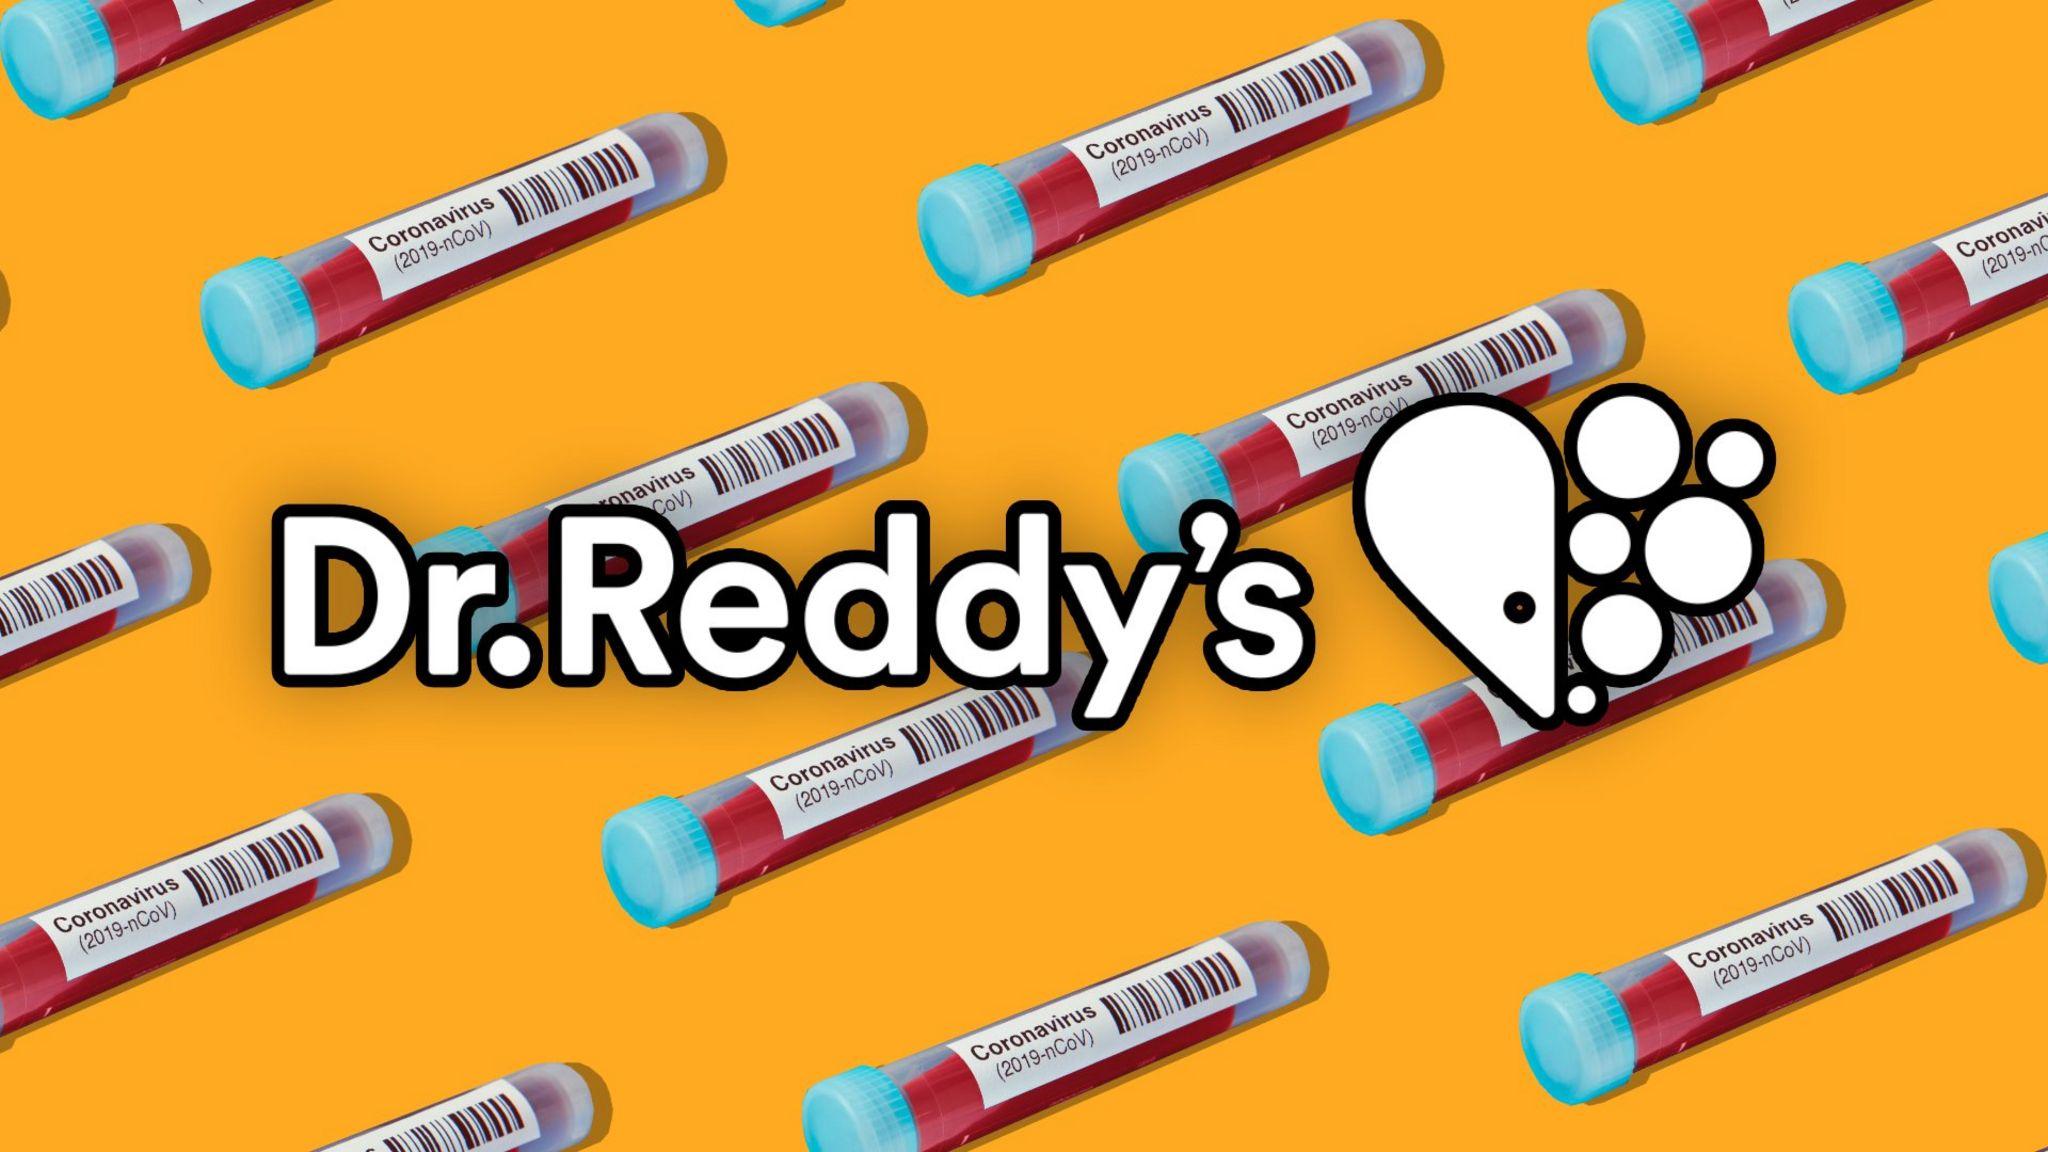 Dr Reddy's logo